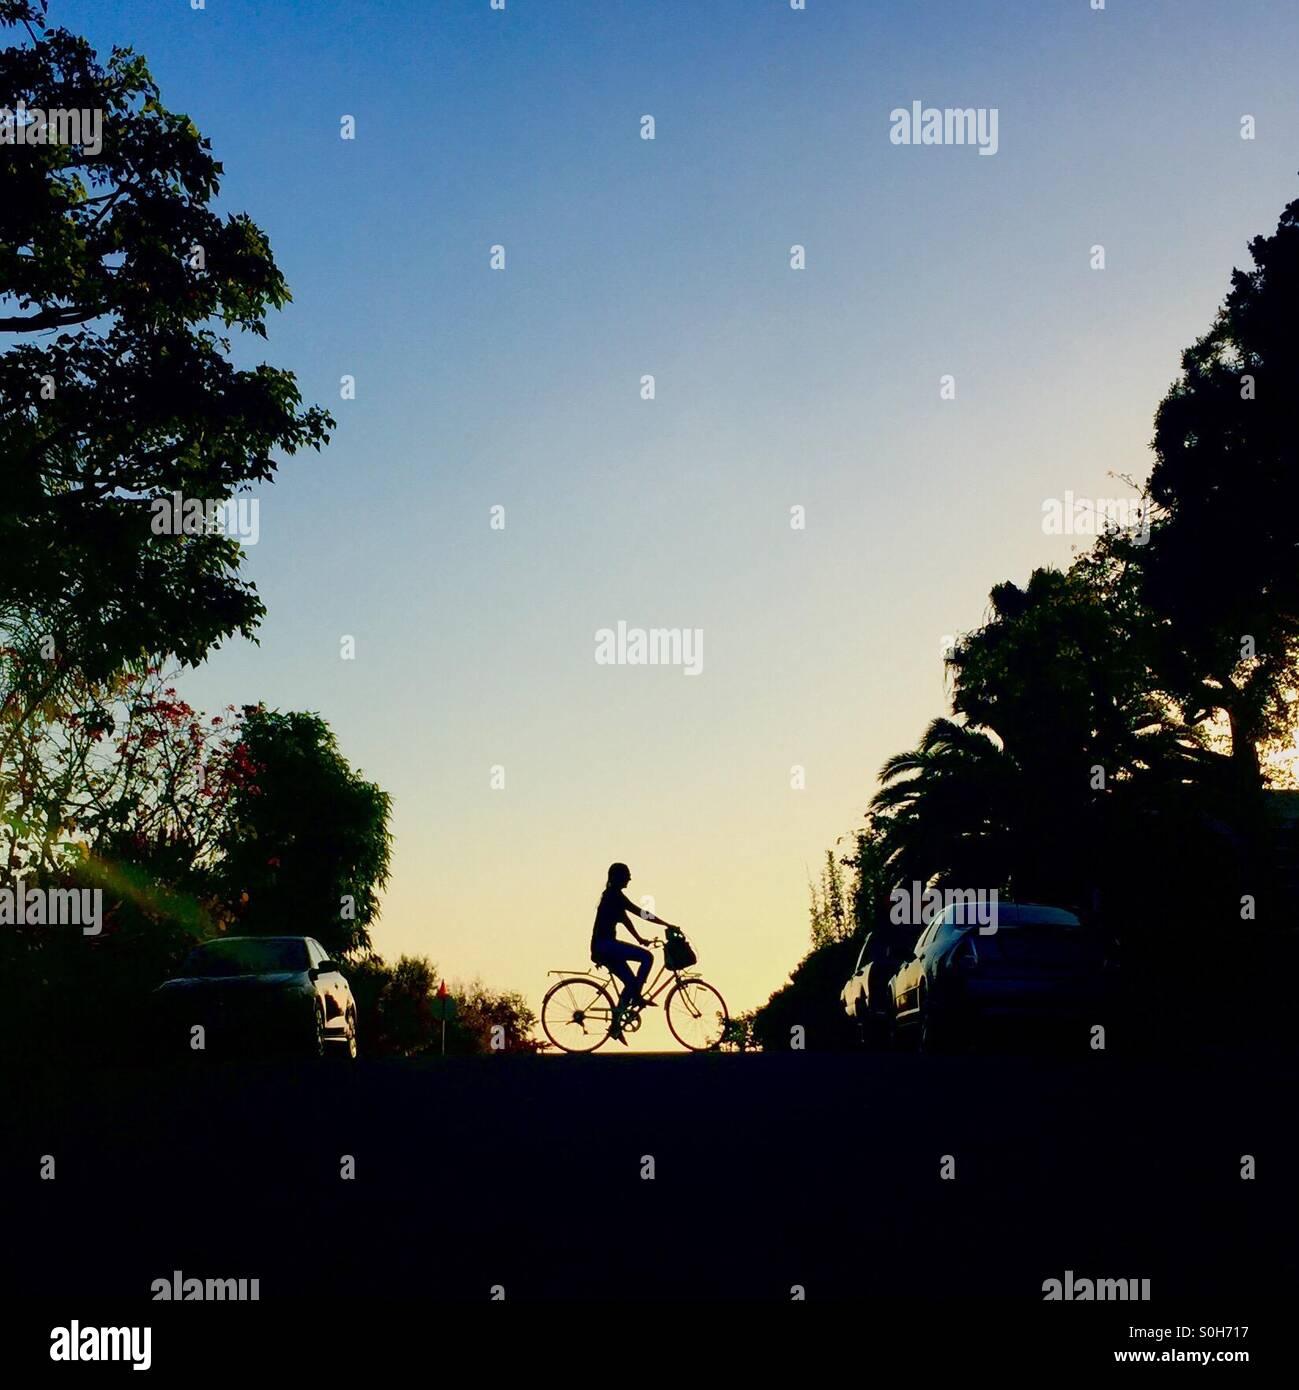 Silhueta de uma rapariga a andar de bicicleta Imagens de Stock